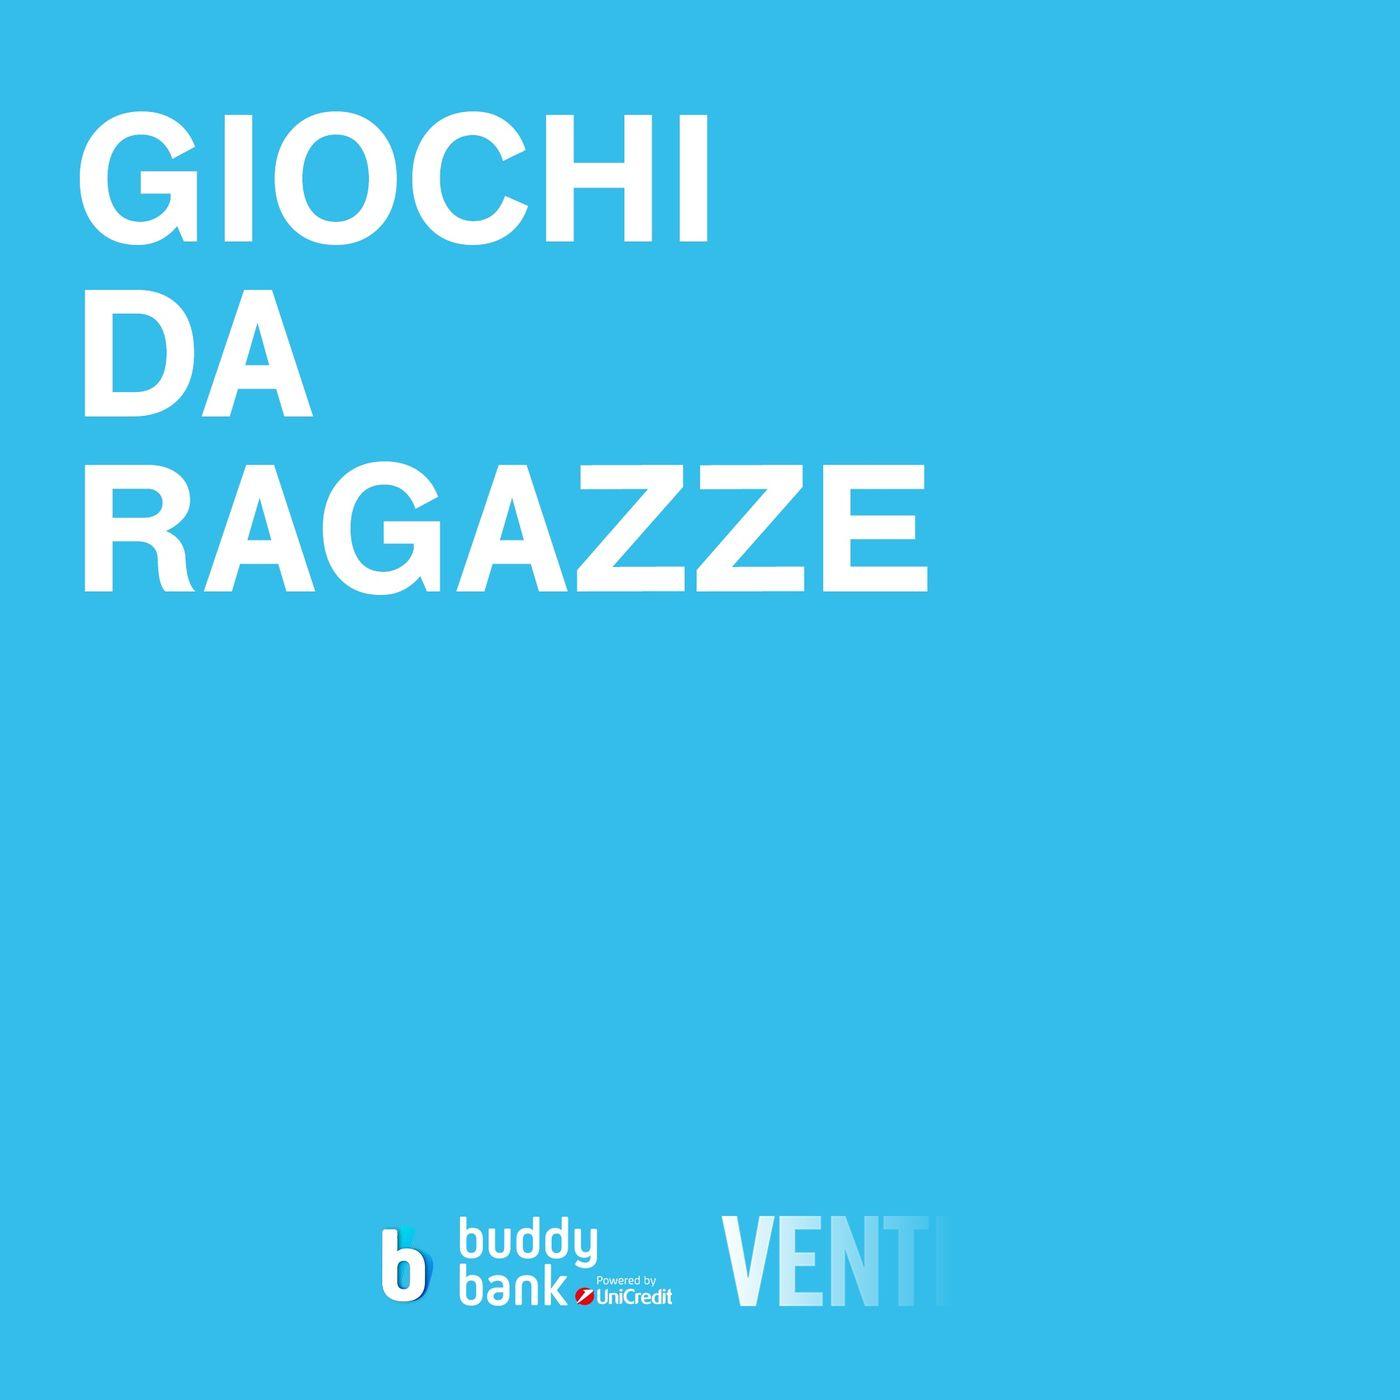 GIOCHI DA RAGAZZE, intervista a Giovanna Iannantuoni